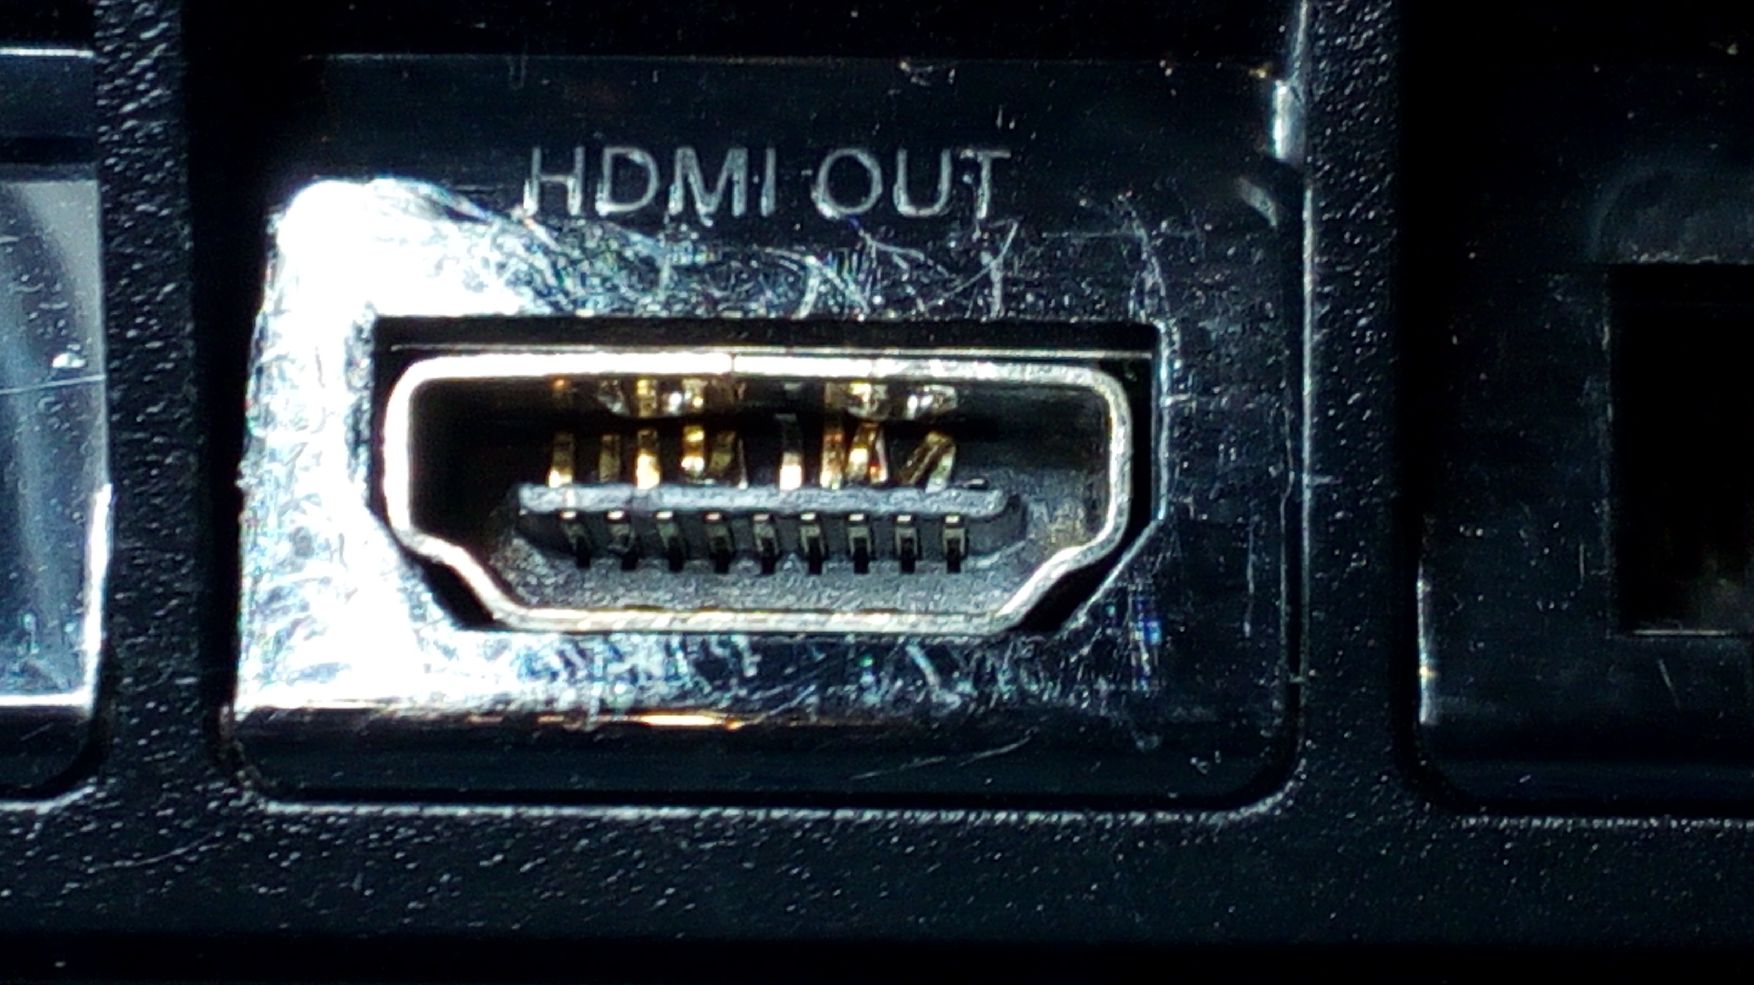 PS4 FAT Startet und Leuchtet Weiß bringt aber kein Bild auf den Fernseher. HDMI Port Anschluss Reparatur 49,00€ Weitere Details unten.